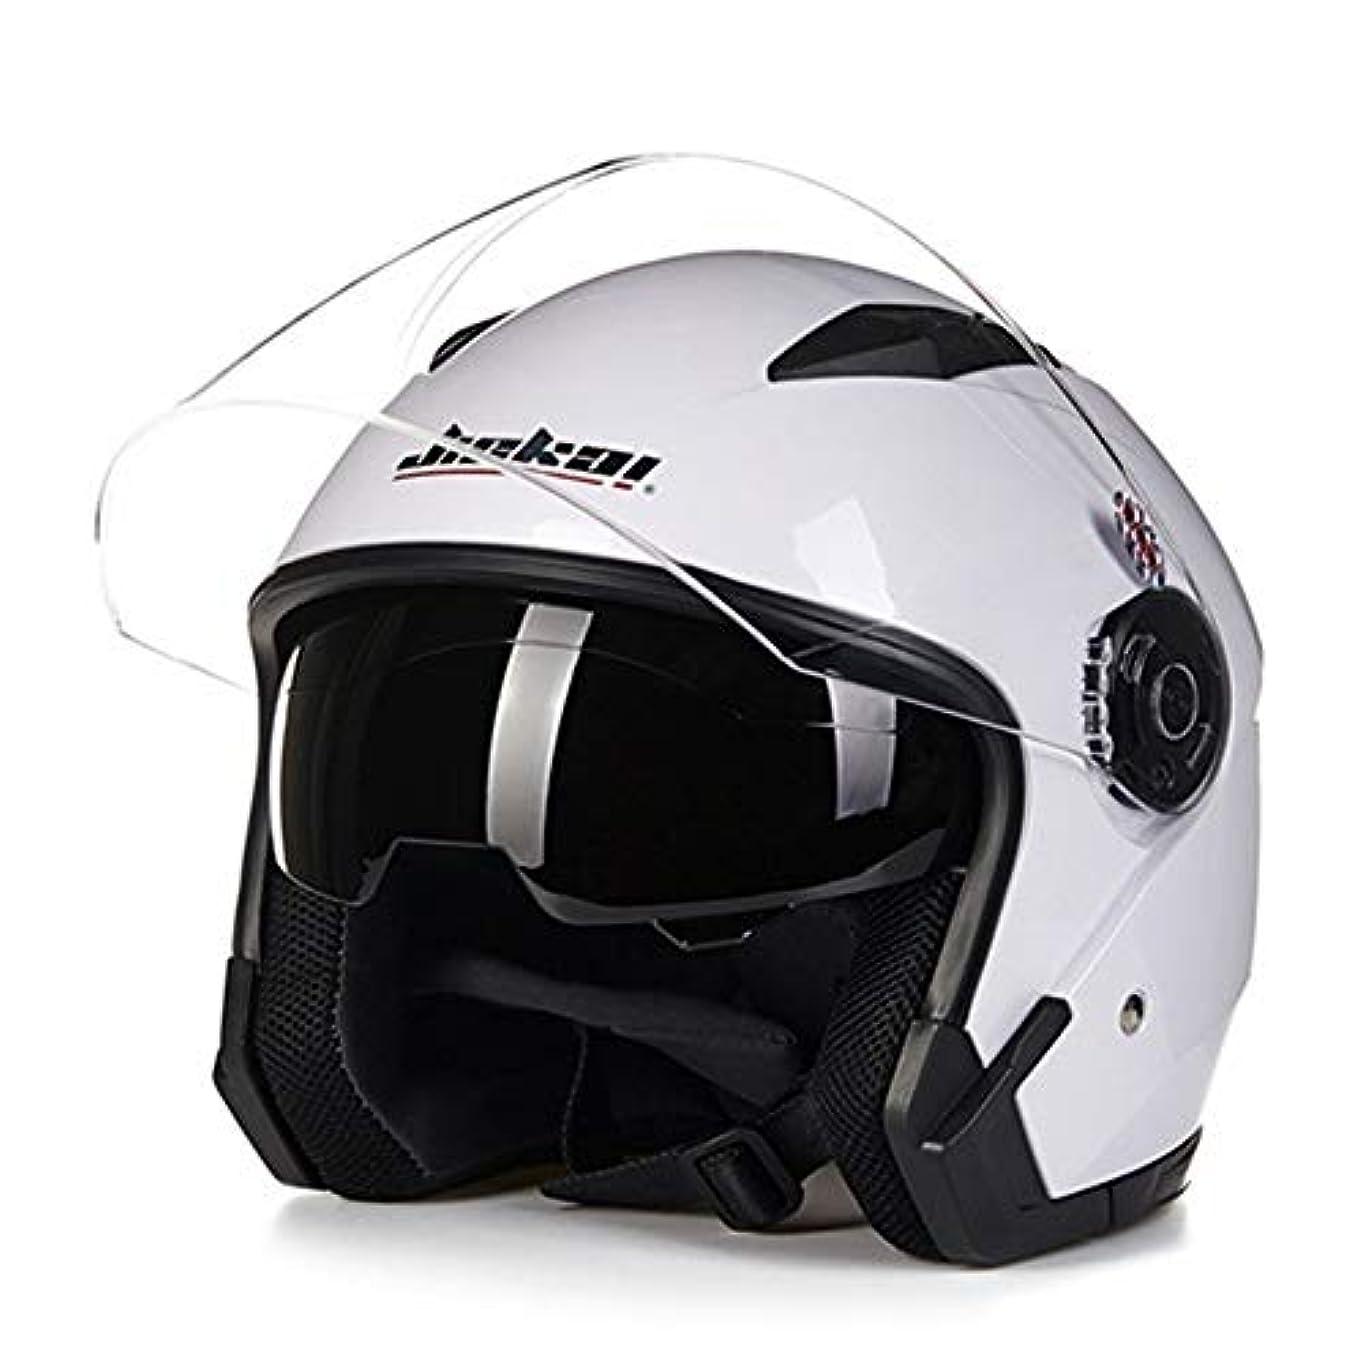 残忍な女性反対したヘルメットバイクオートバイ二重レンズ夏/冬オープンフェイスヘルメットJIEKAI Moto Capacete Para Motocicleta Casco